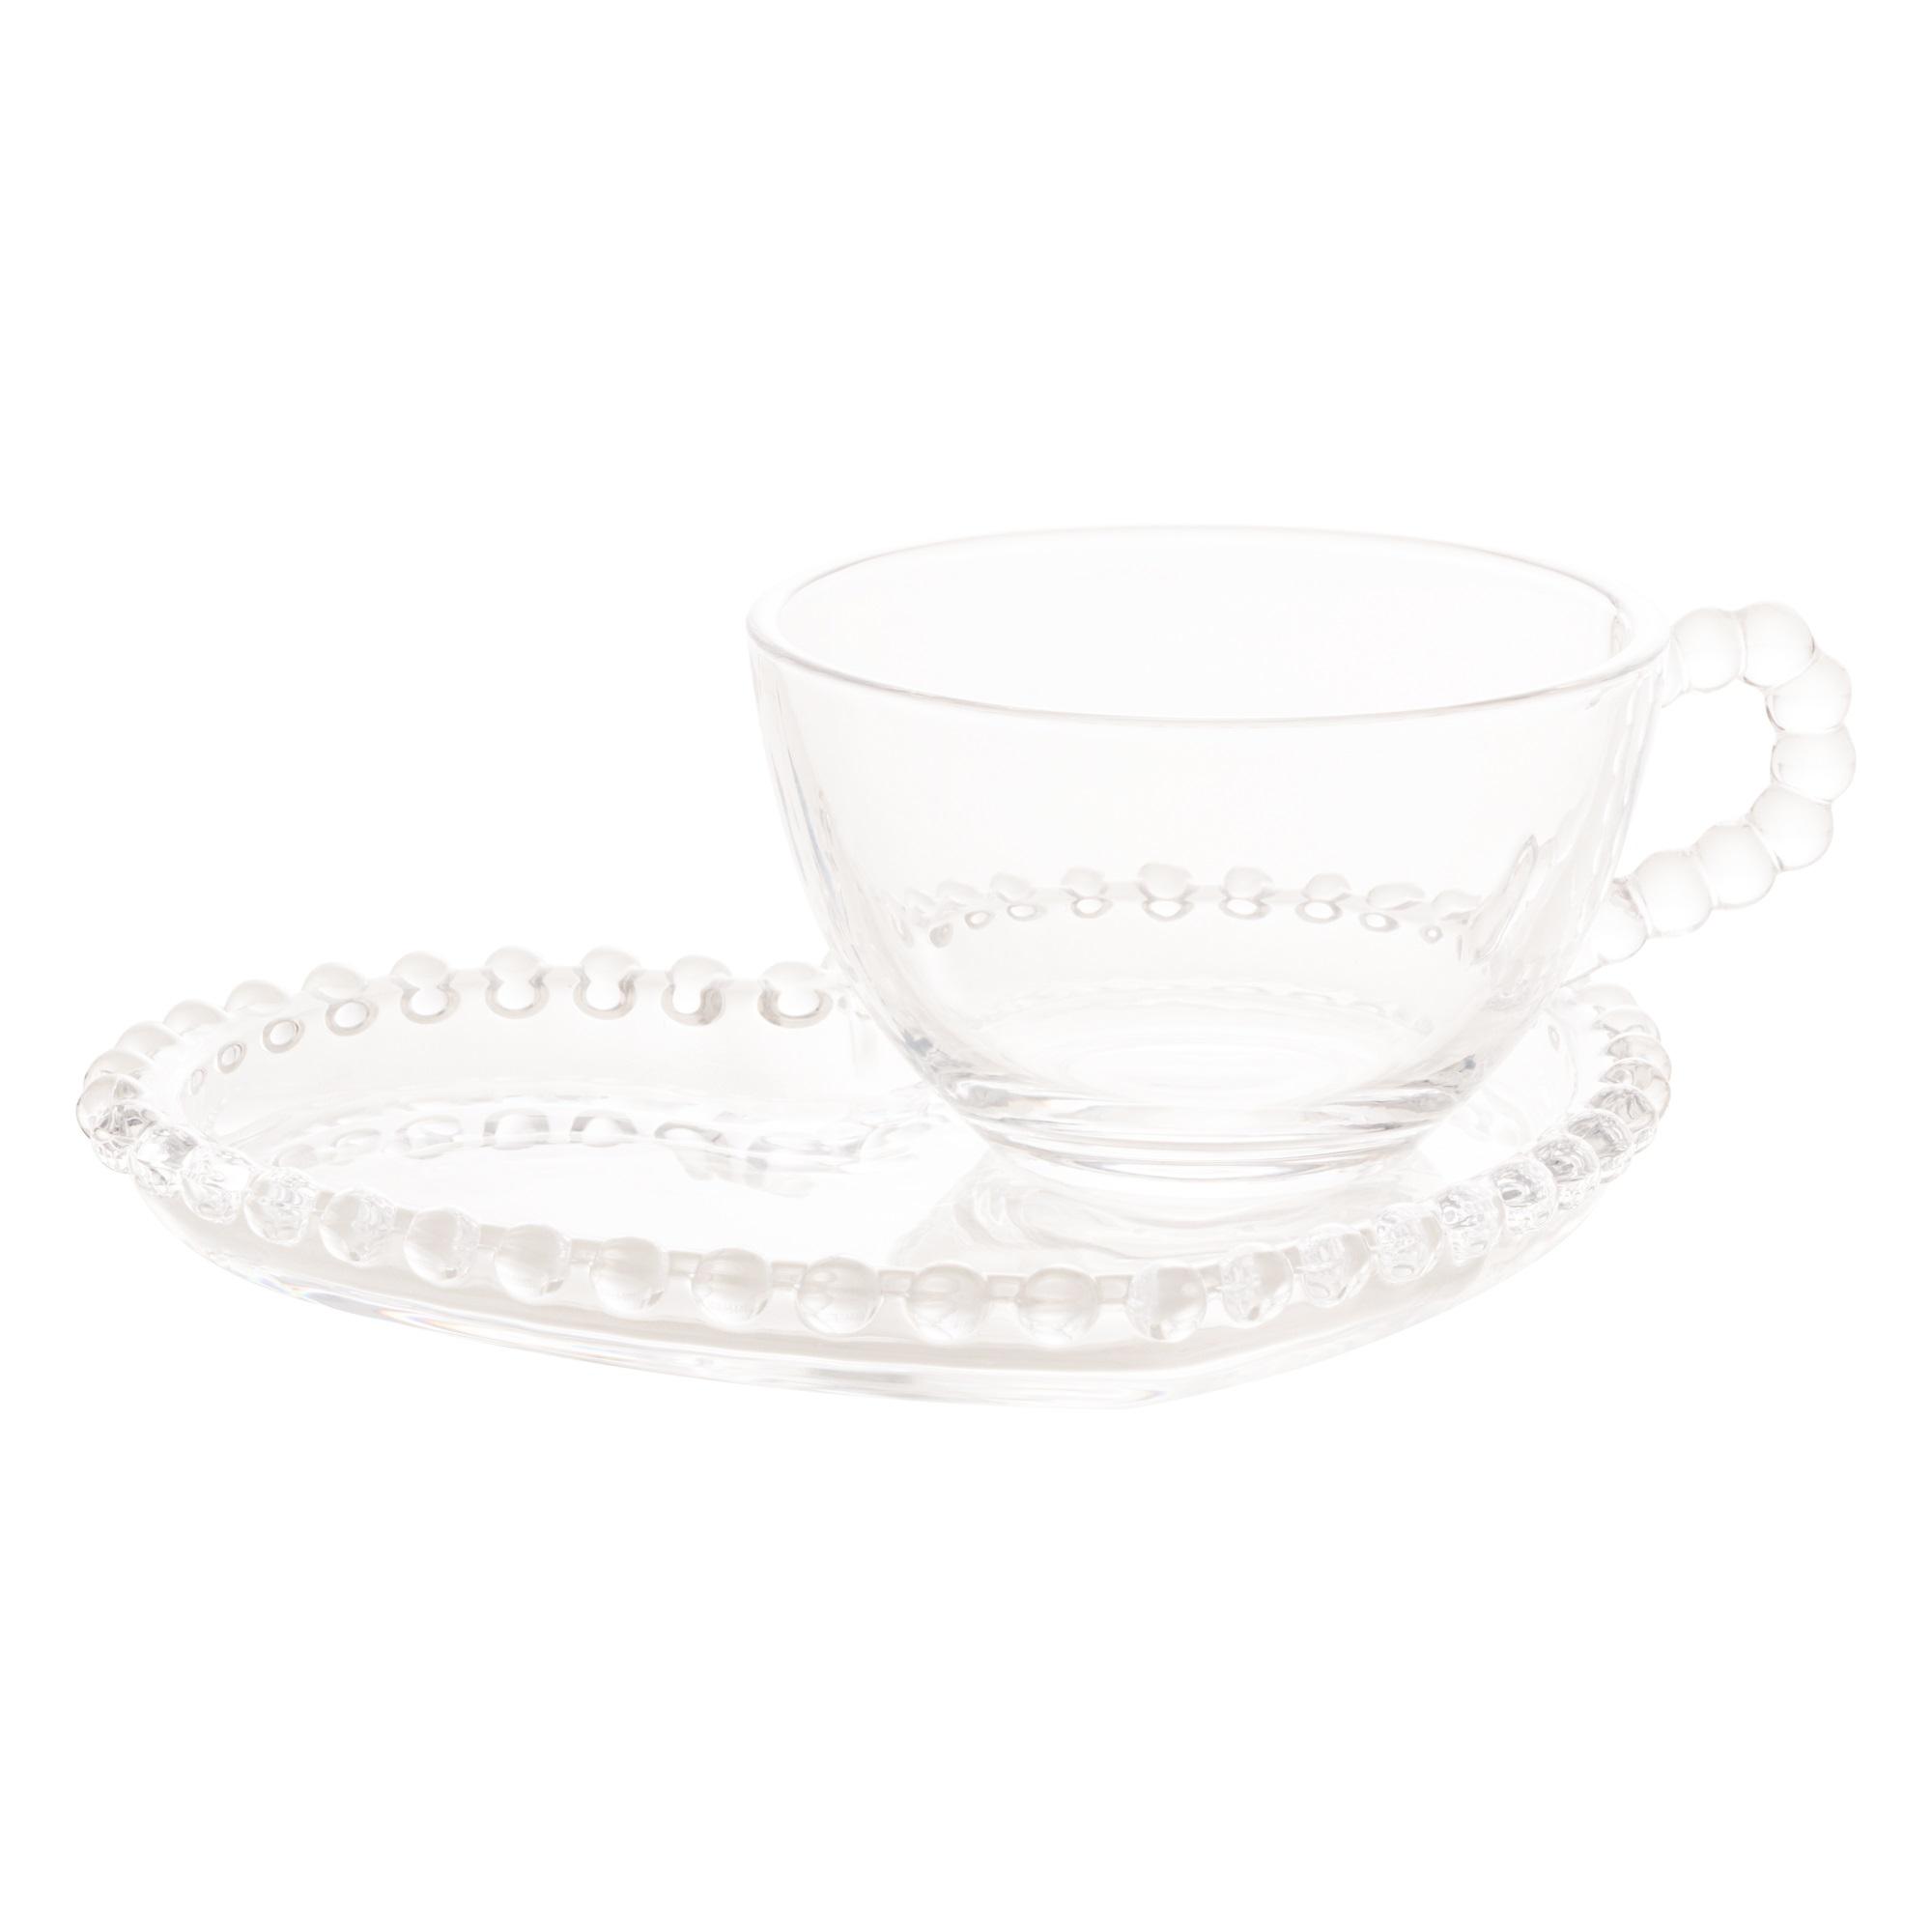 Xicara para Chá em Cristal e Pires de Coração com Borda de bolinha 16x13x7 cm 180ml